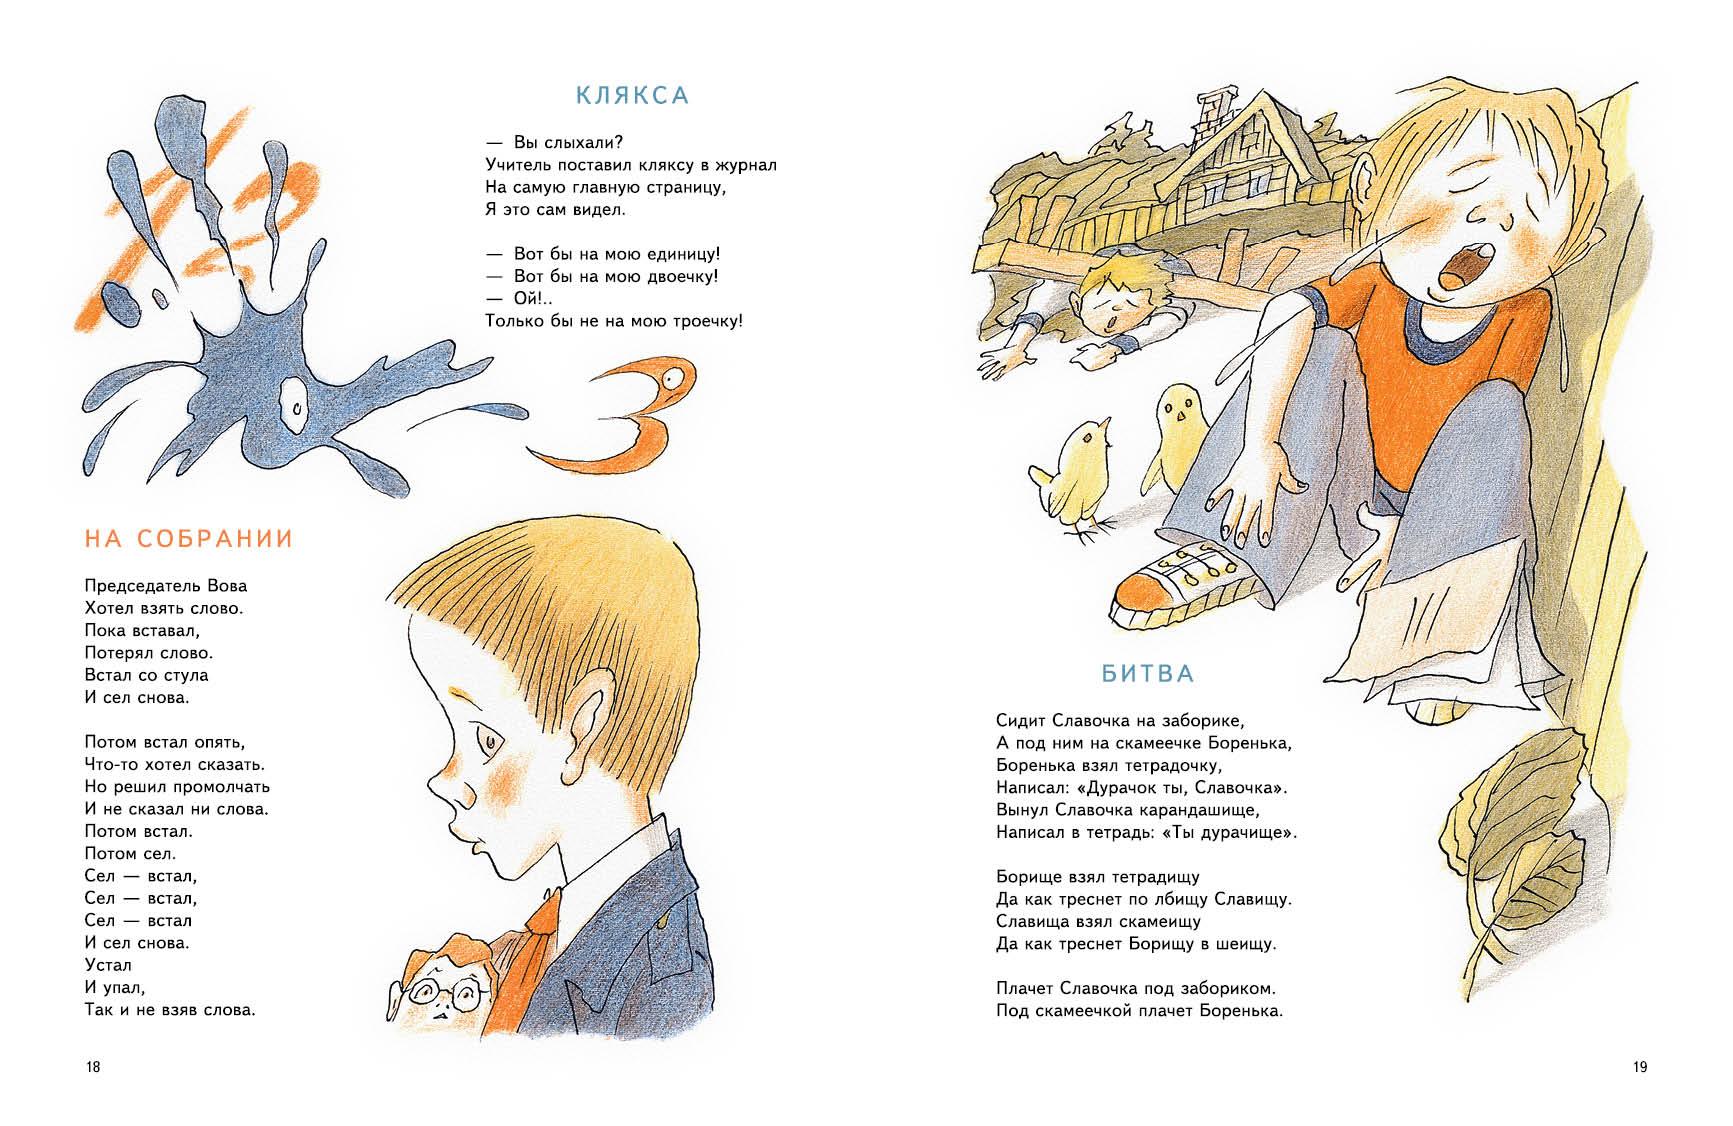 IV Всероссийский конкурс «Восемь жемчужин дошкольного образования России